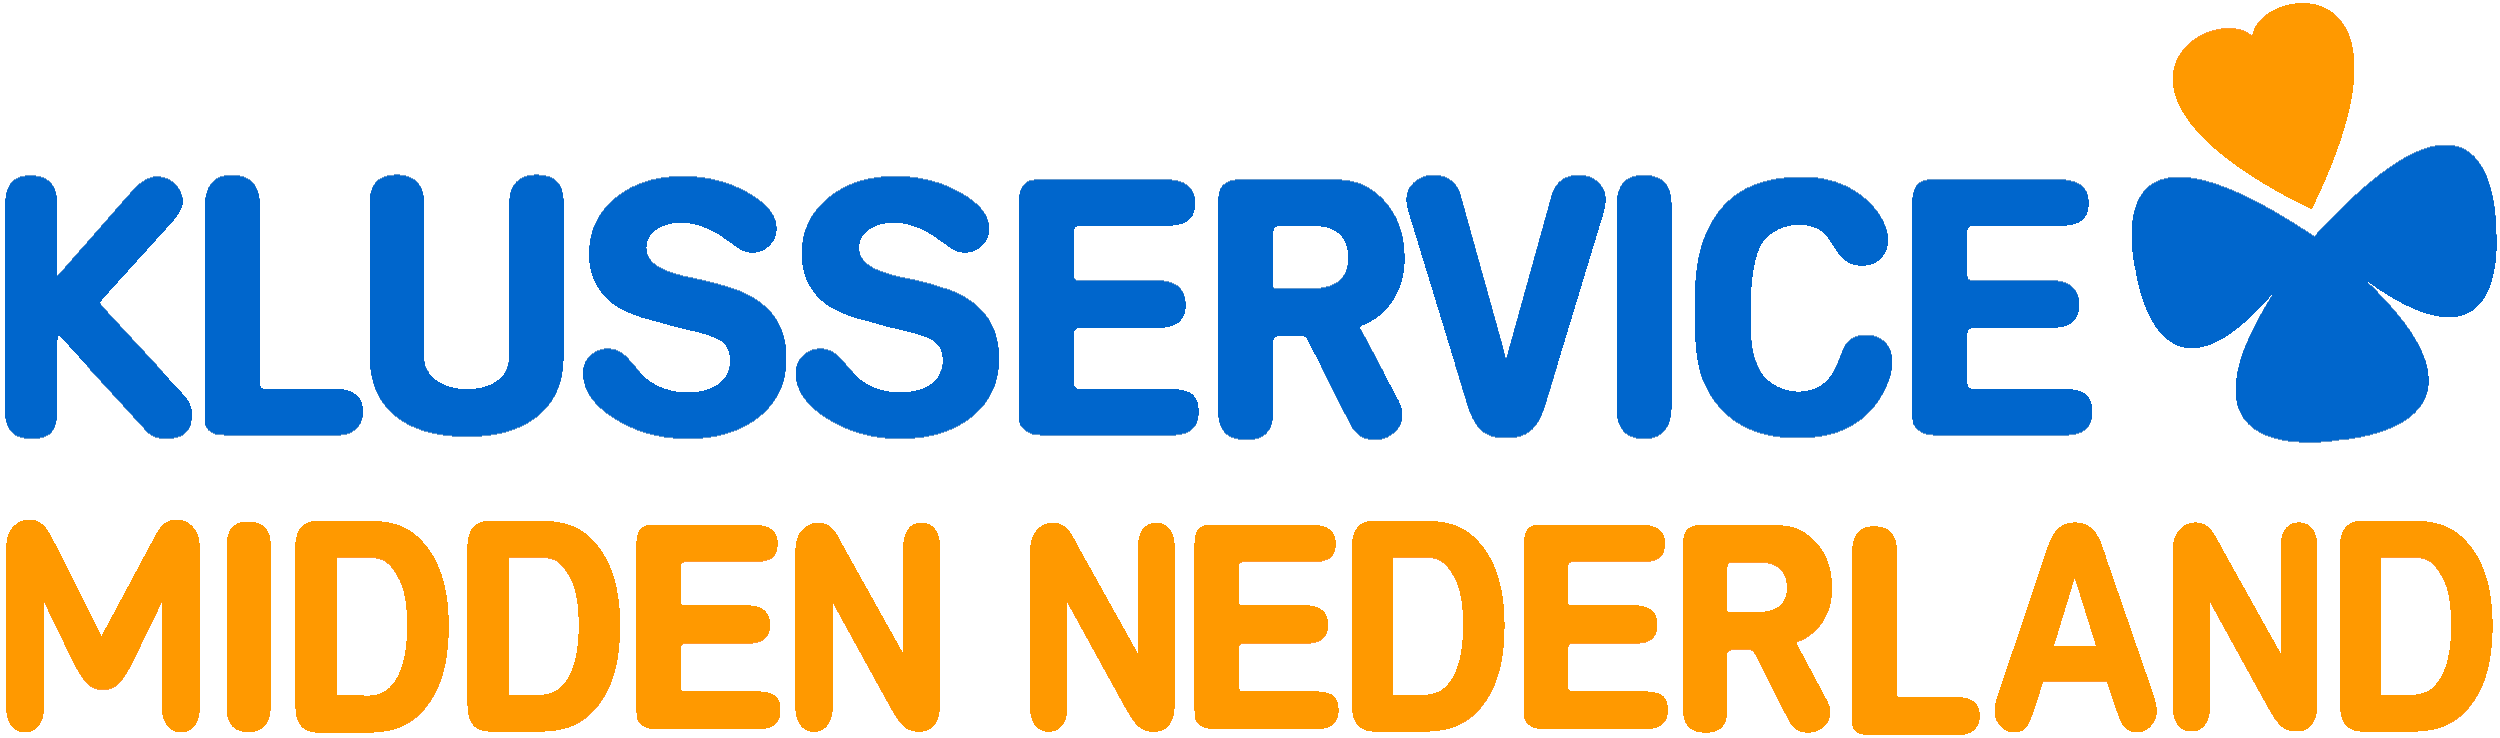 Klusbedrijf Klusservice Midden Nederland Logo